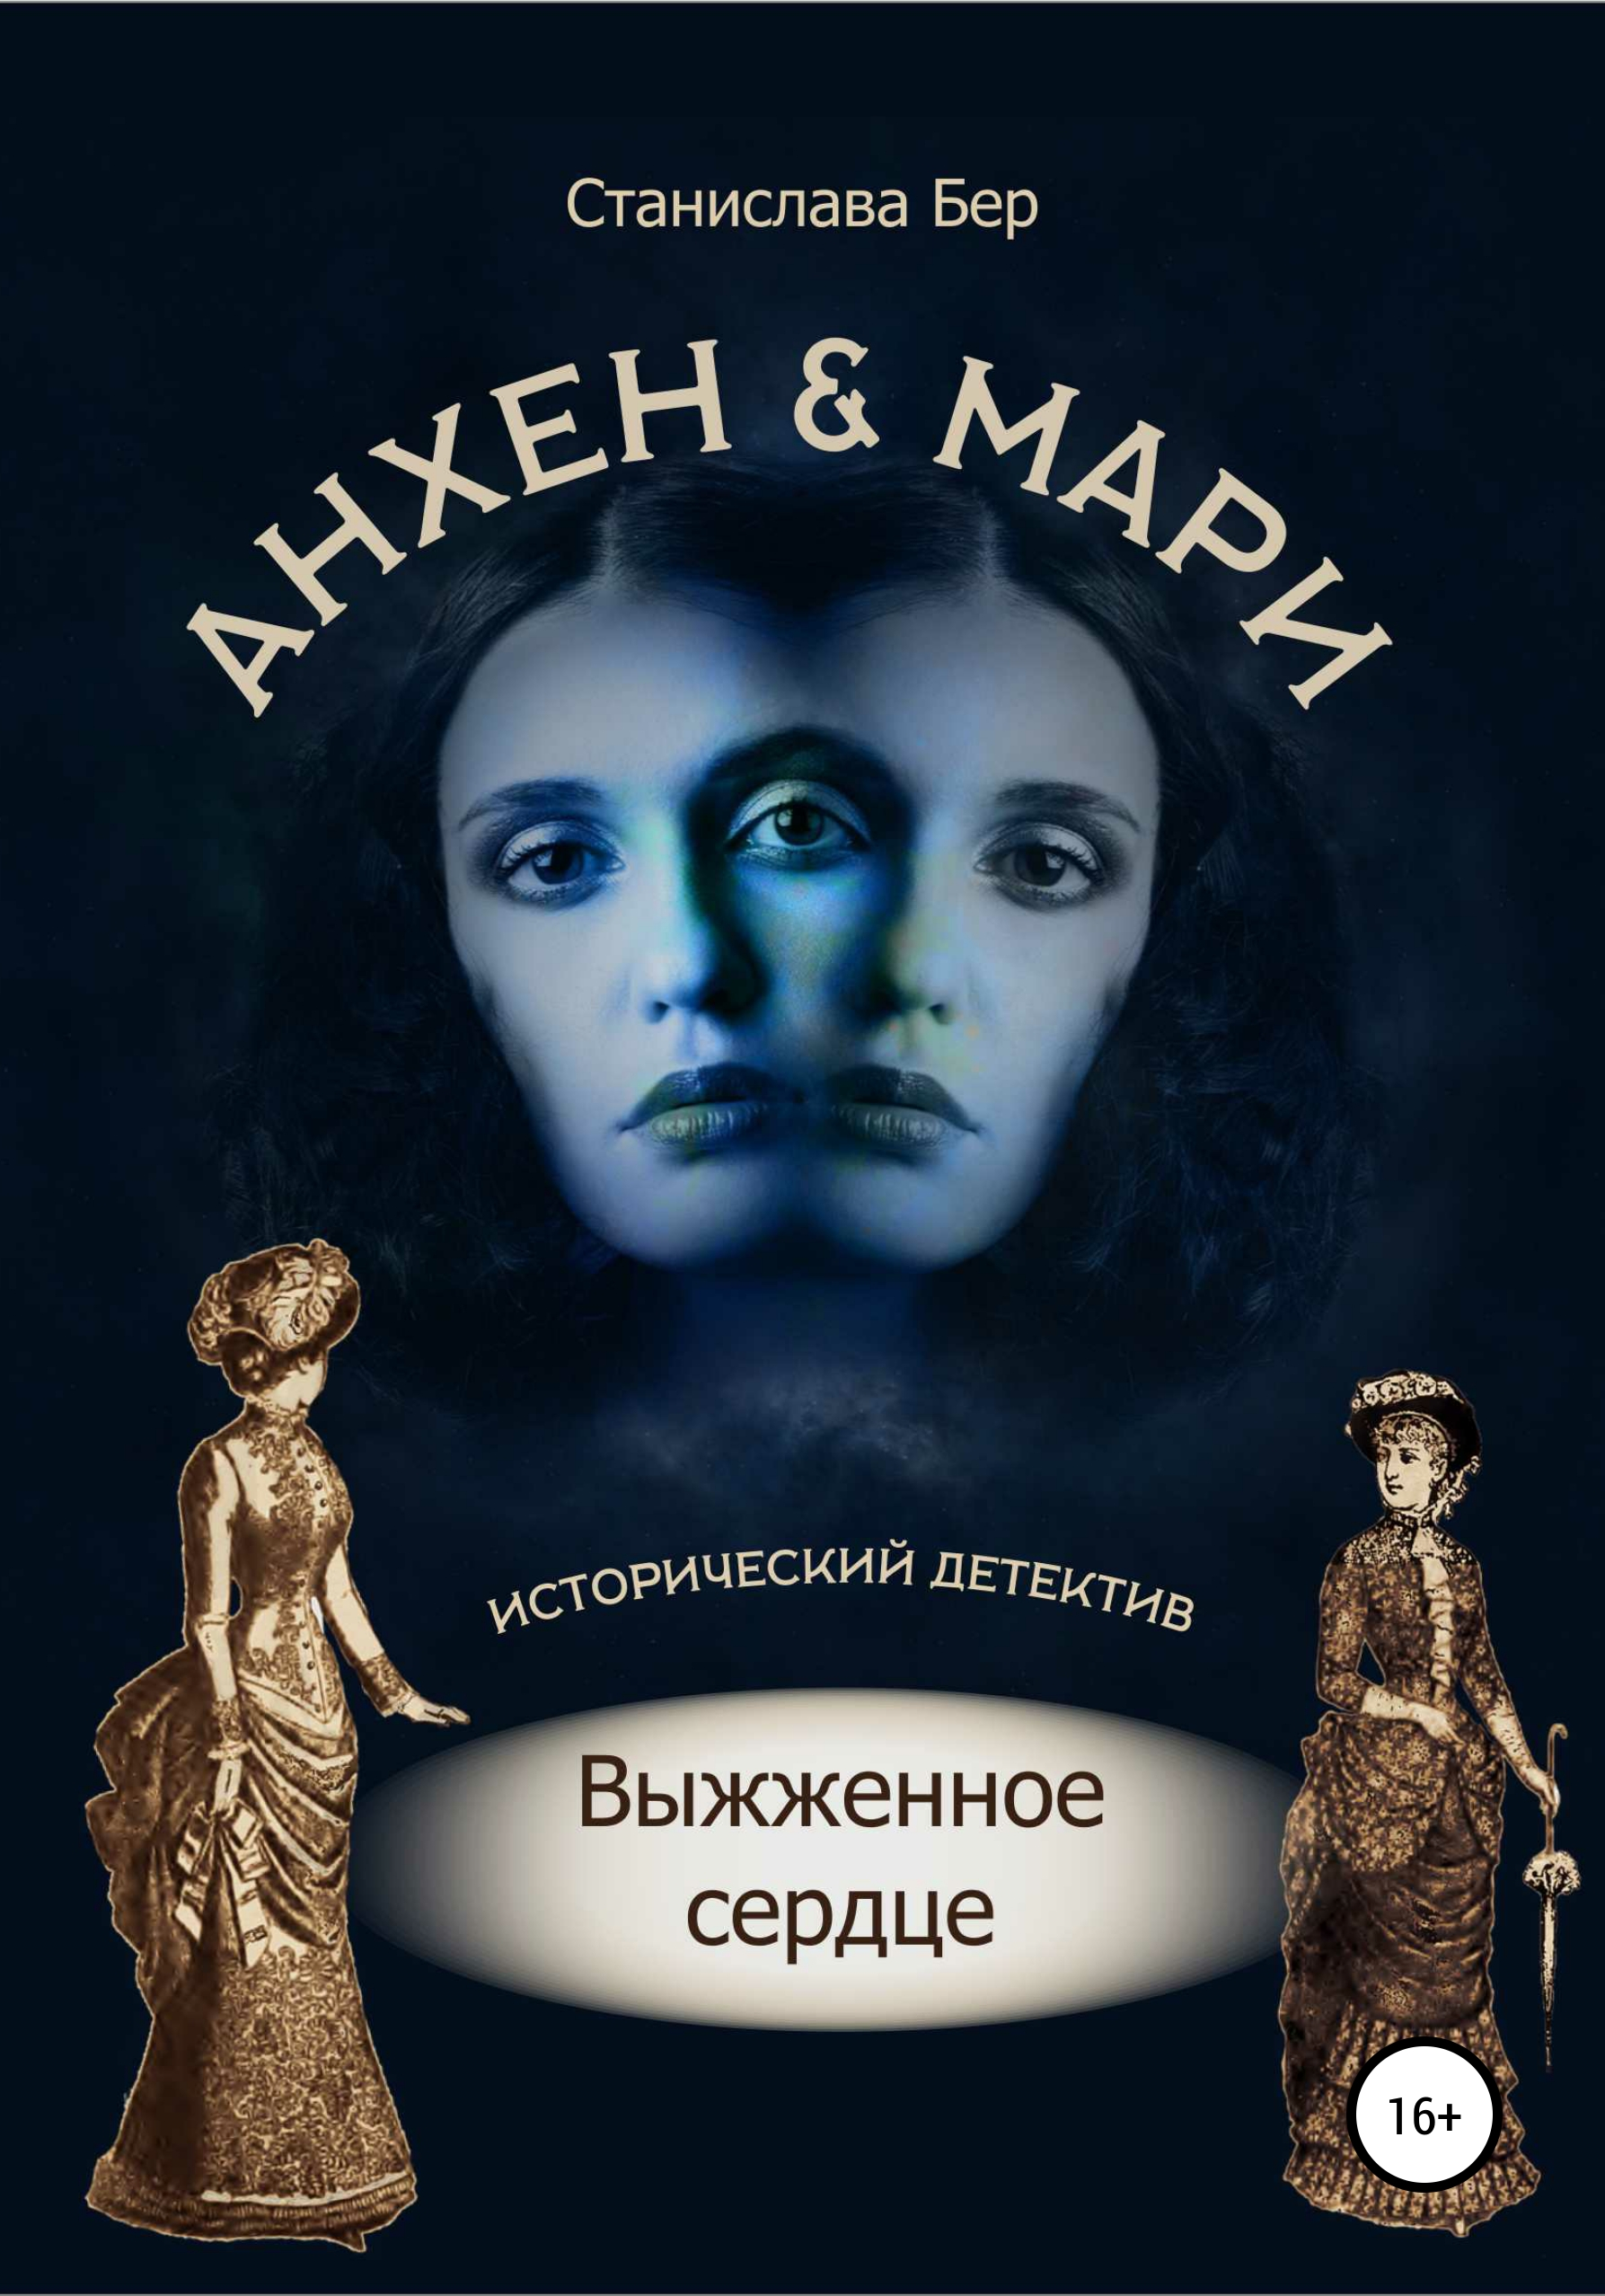 Купить книгу Анхен и Мари. Выжженное сердце, автора Станиславы Бер